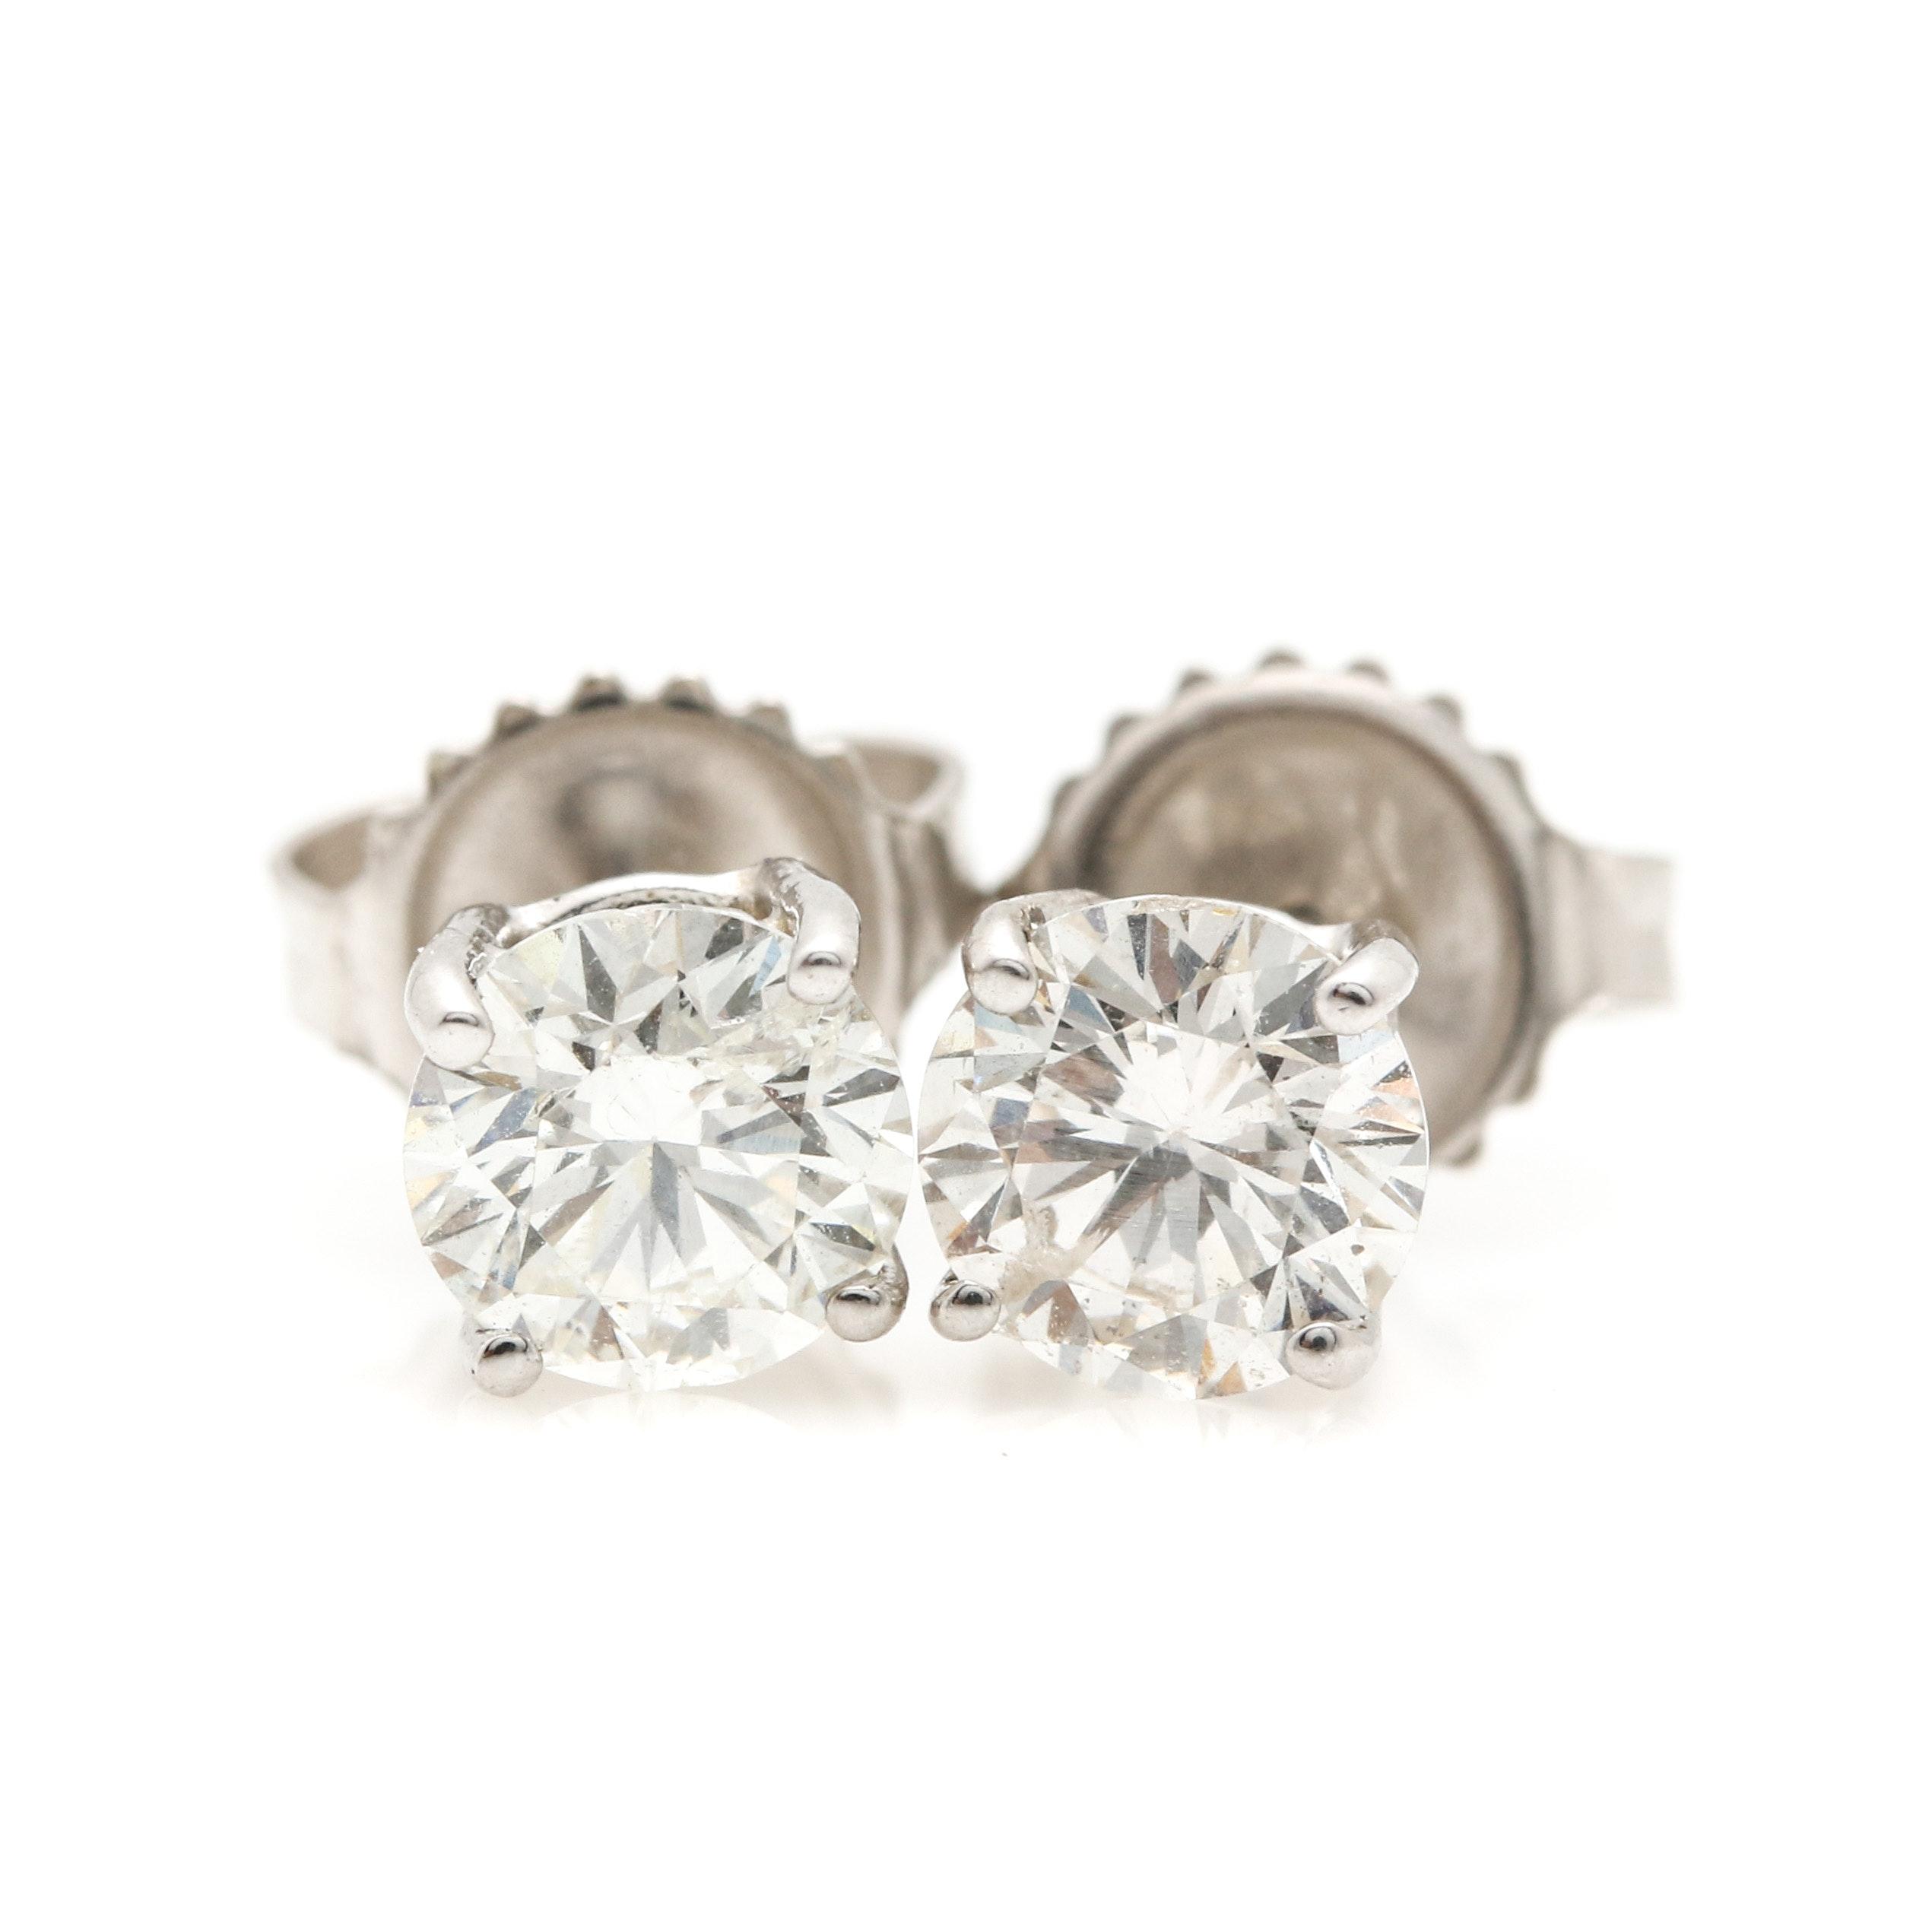 14K White Gold 1.10 CTW Diamond Earrings